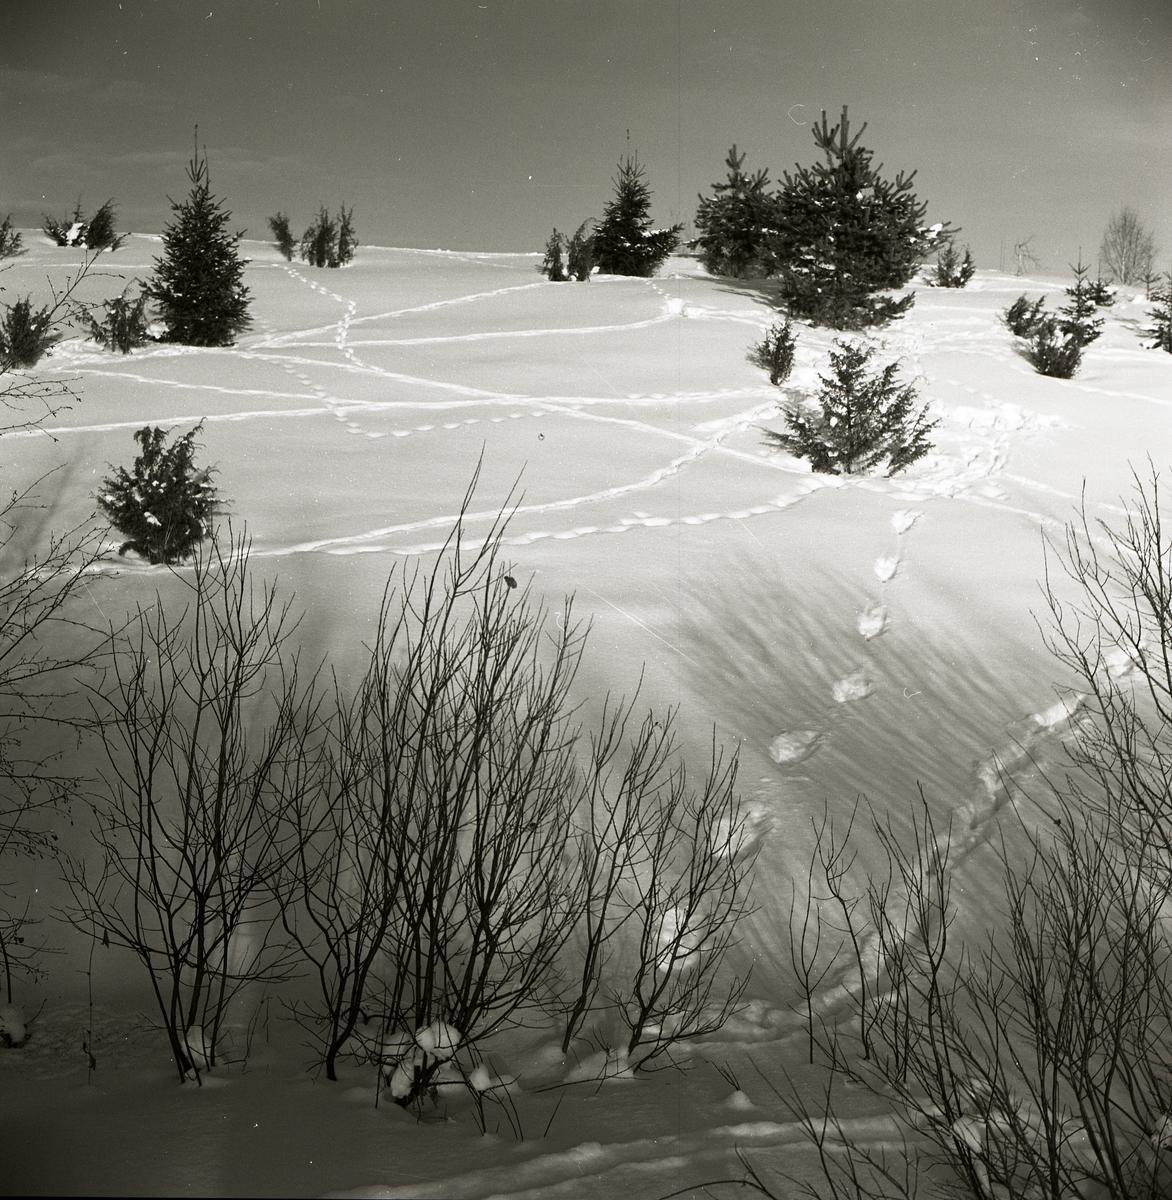 Rävspår i snön bland granar, januari 1970.